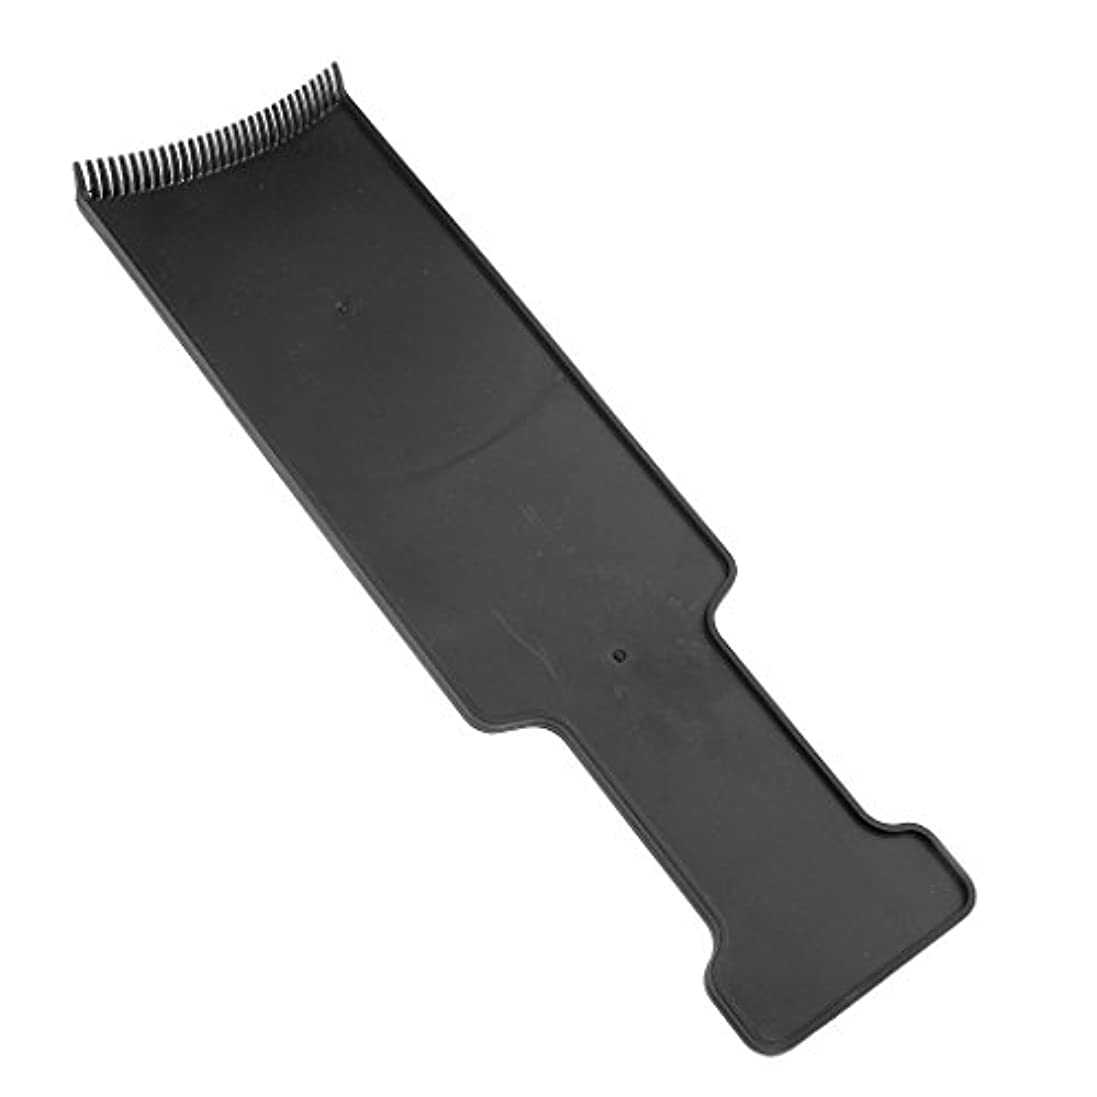 困惑したステレオタイプすきBaosity サロン ヘアカラー ボード ヘア 染色 ツール ブラック 全4サイズ - M